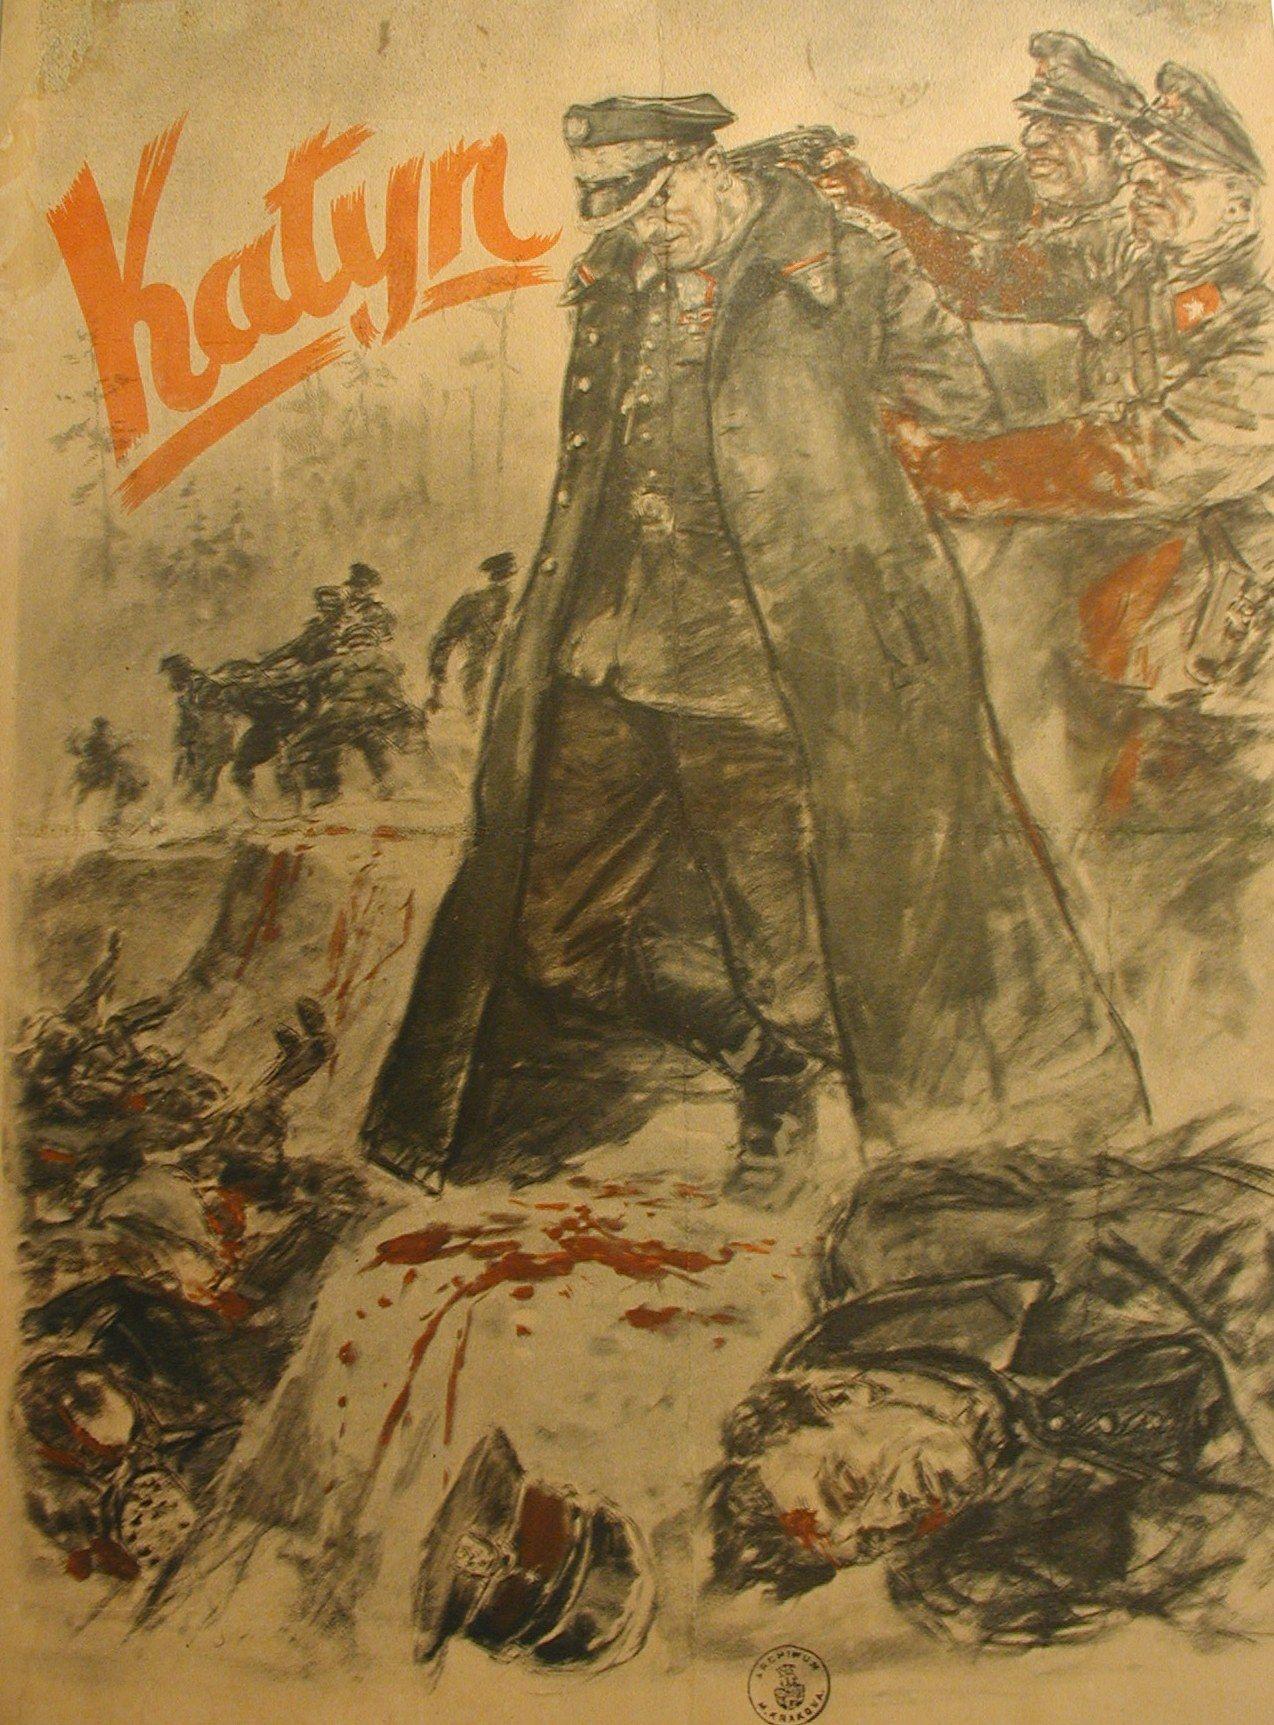 Istnieje wiele poszlak wskazujących na to, że tak naprawę Beria wcale nie popierał rozkazu o zamordowaniu polskich oficerów (źródło: domena publiczna).